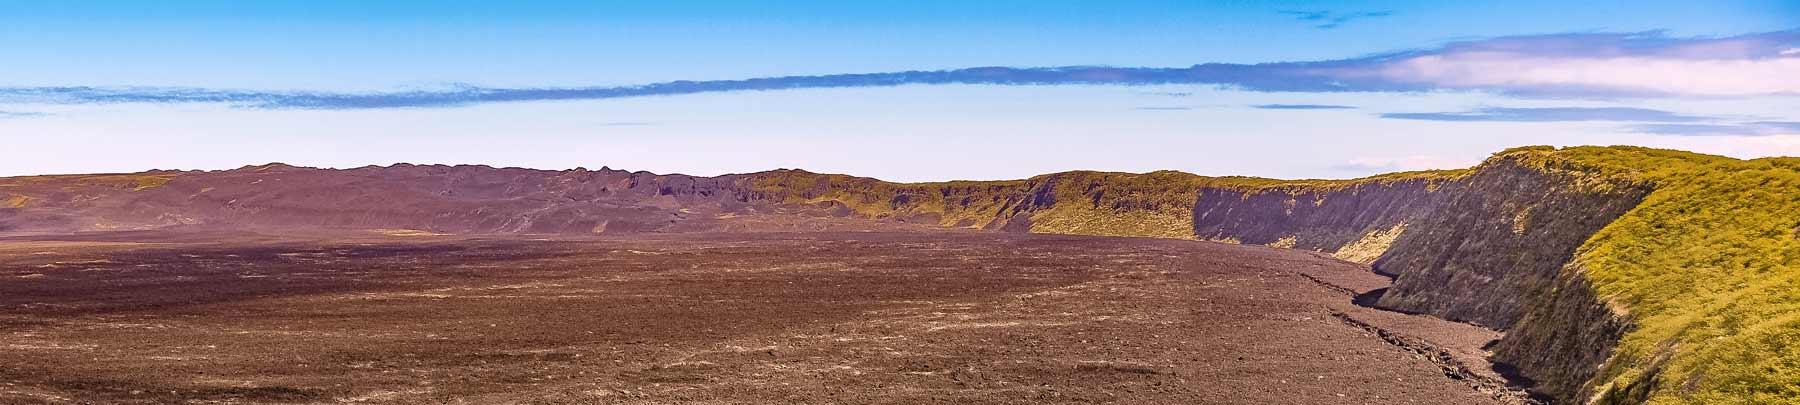 Sierra Negra in Isabela galapagos island panoramic view